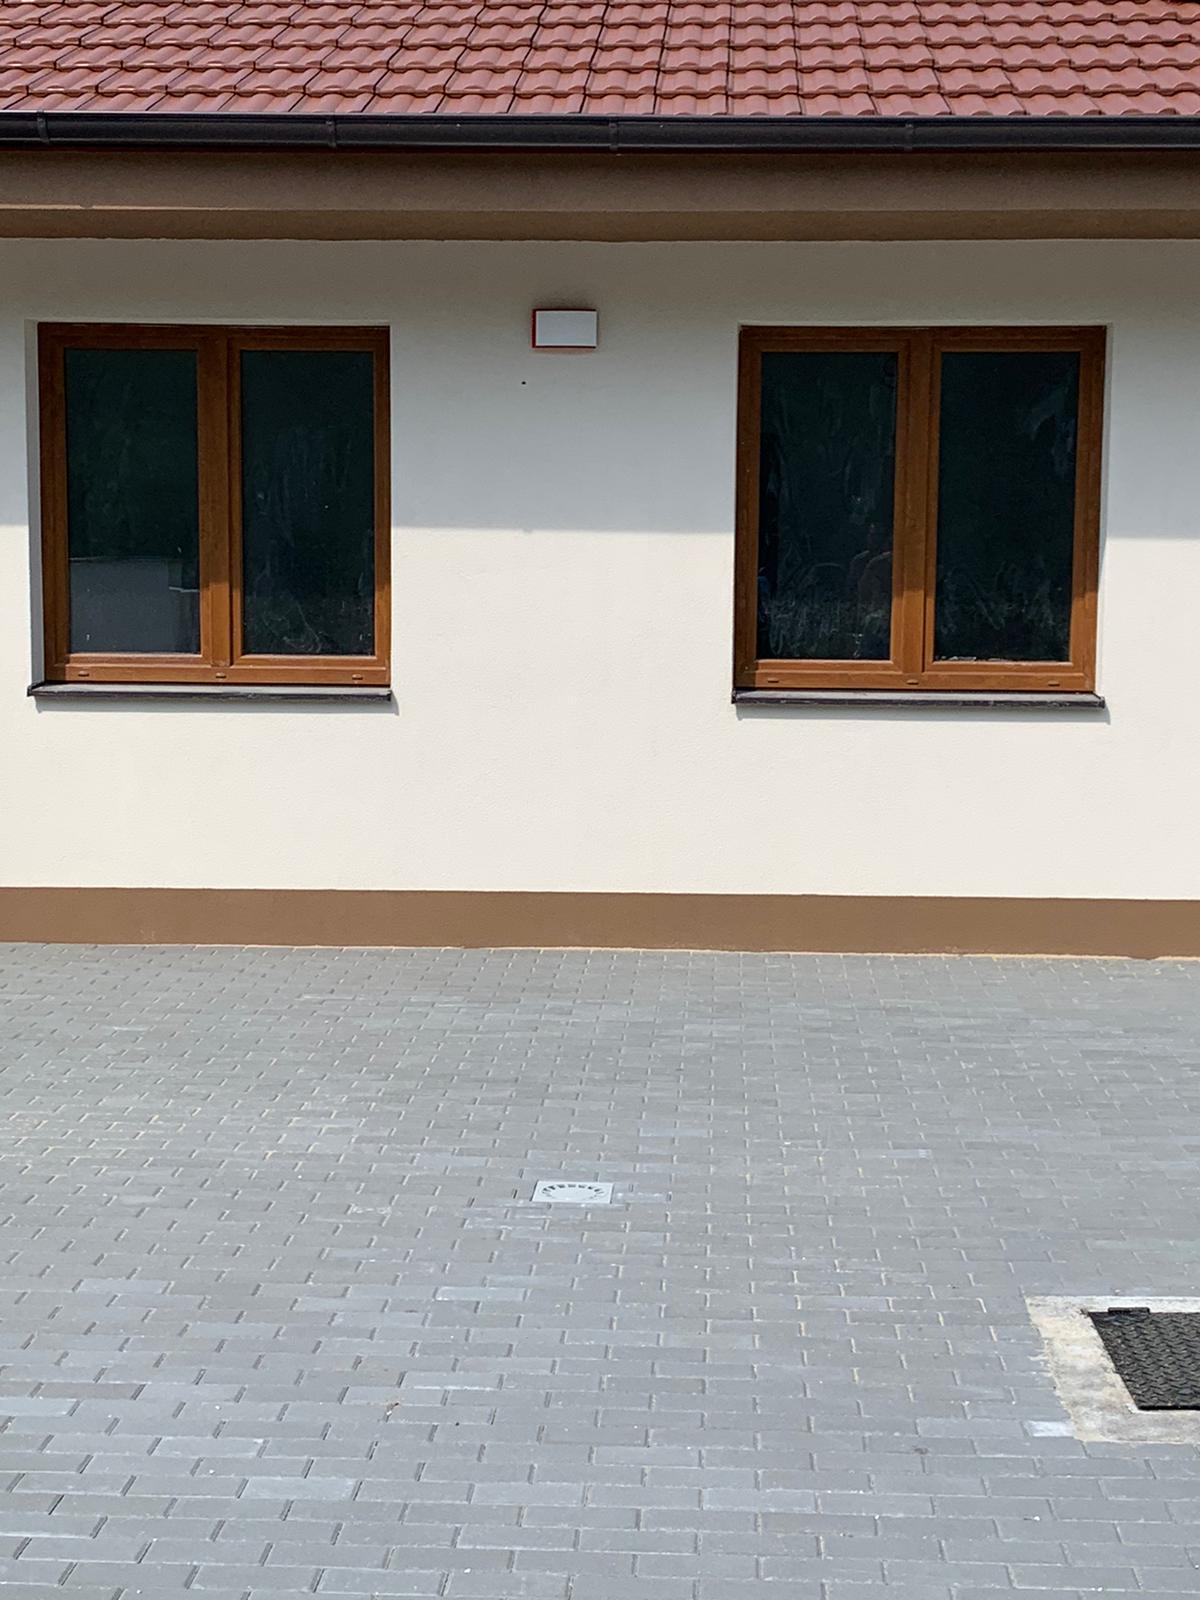 Ahojte ako by ste vyriešili vysadbu v tejto prednej časti domu ??? Je tam parkovanie pre dve autá ale trocha zelene si to pýta... - Obrázok č. 2